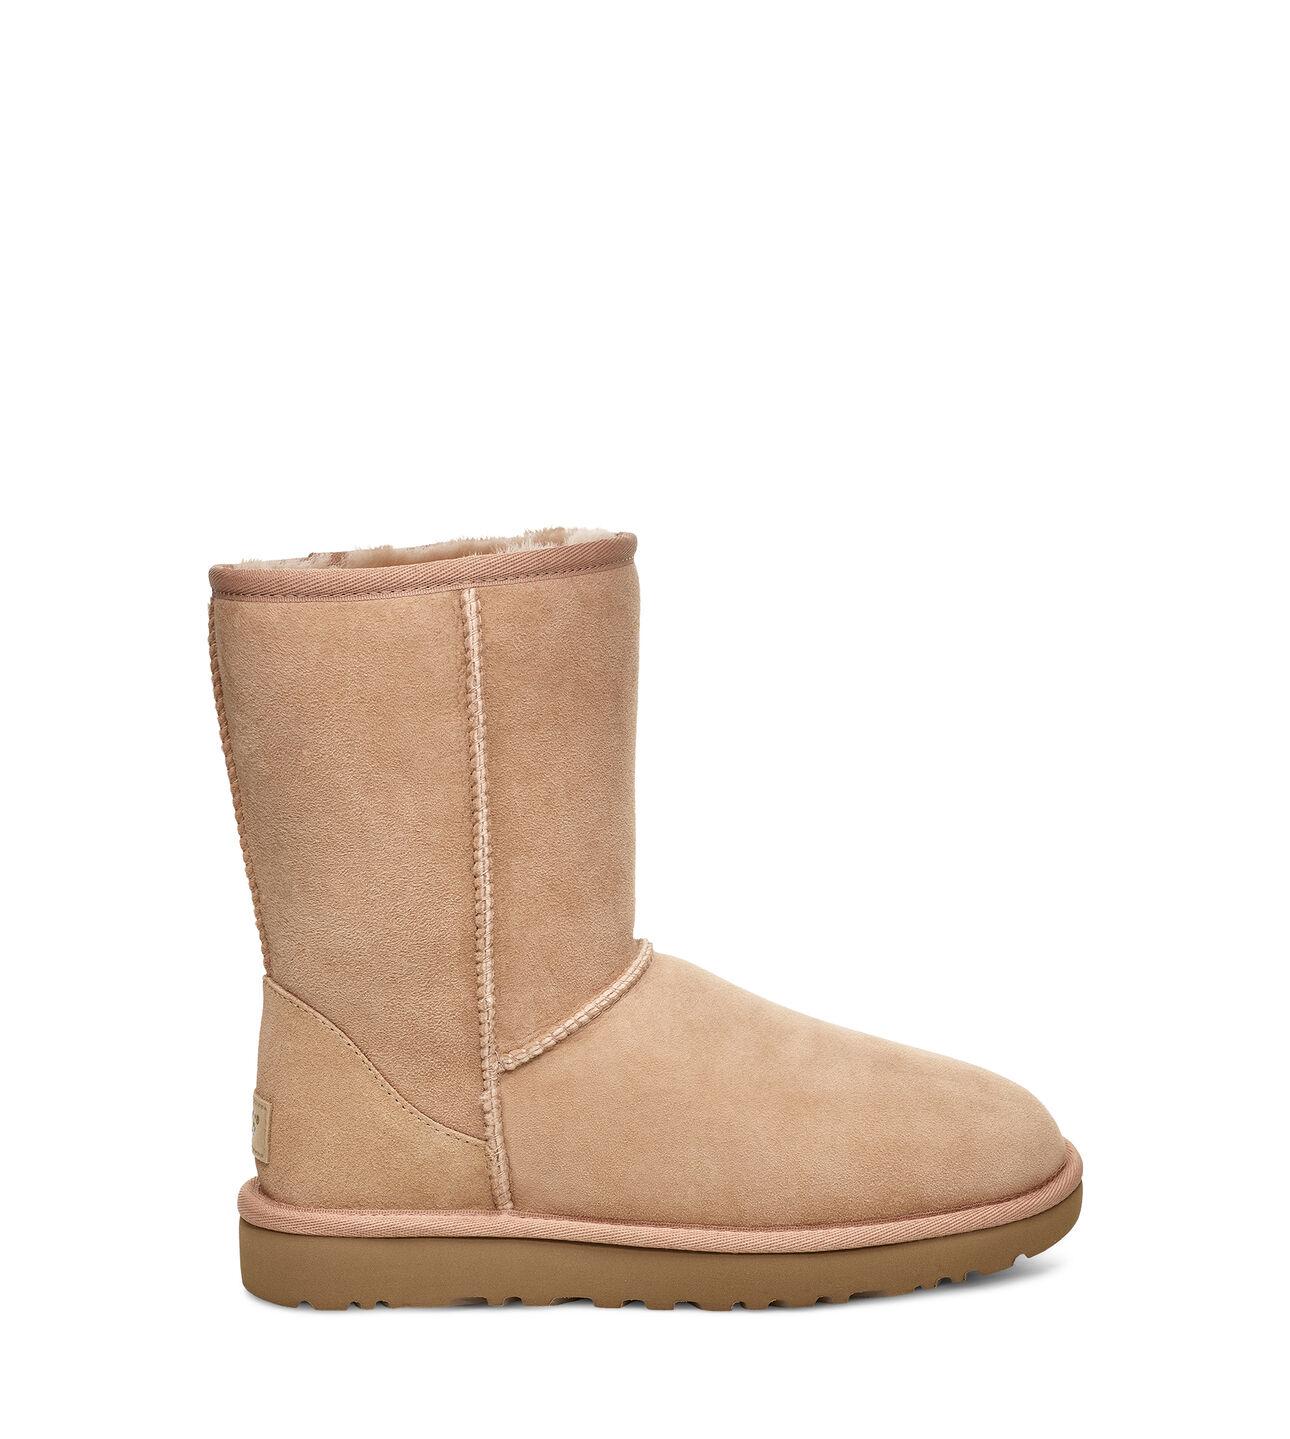 c8f6a822995 Classic II Short Boot